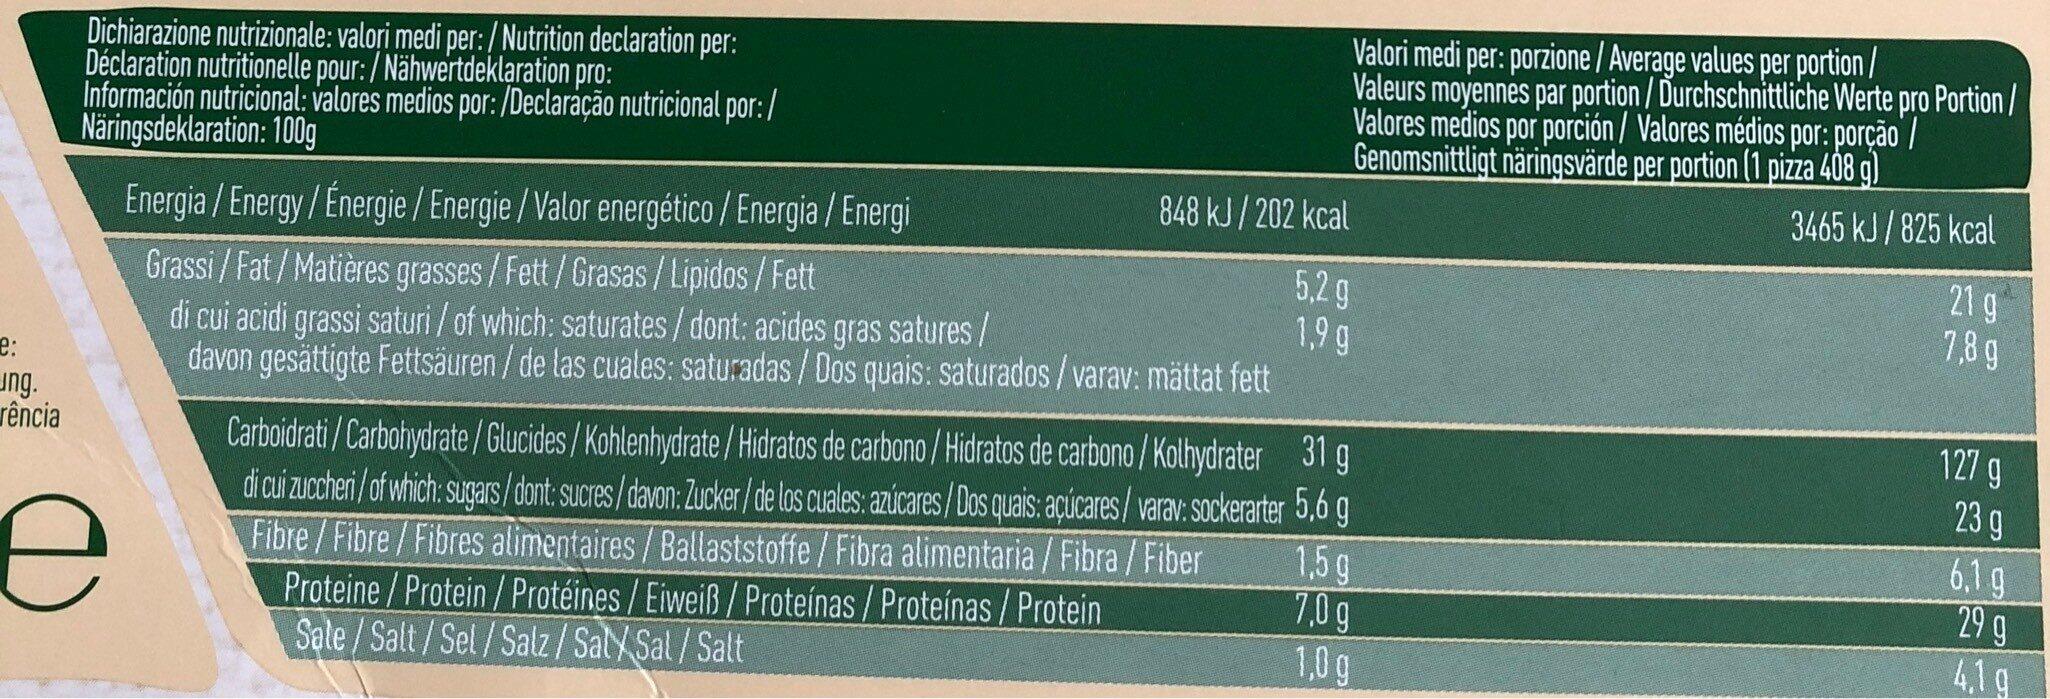 Grilled Vegetable Pizza - Información nutricional